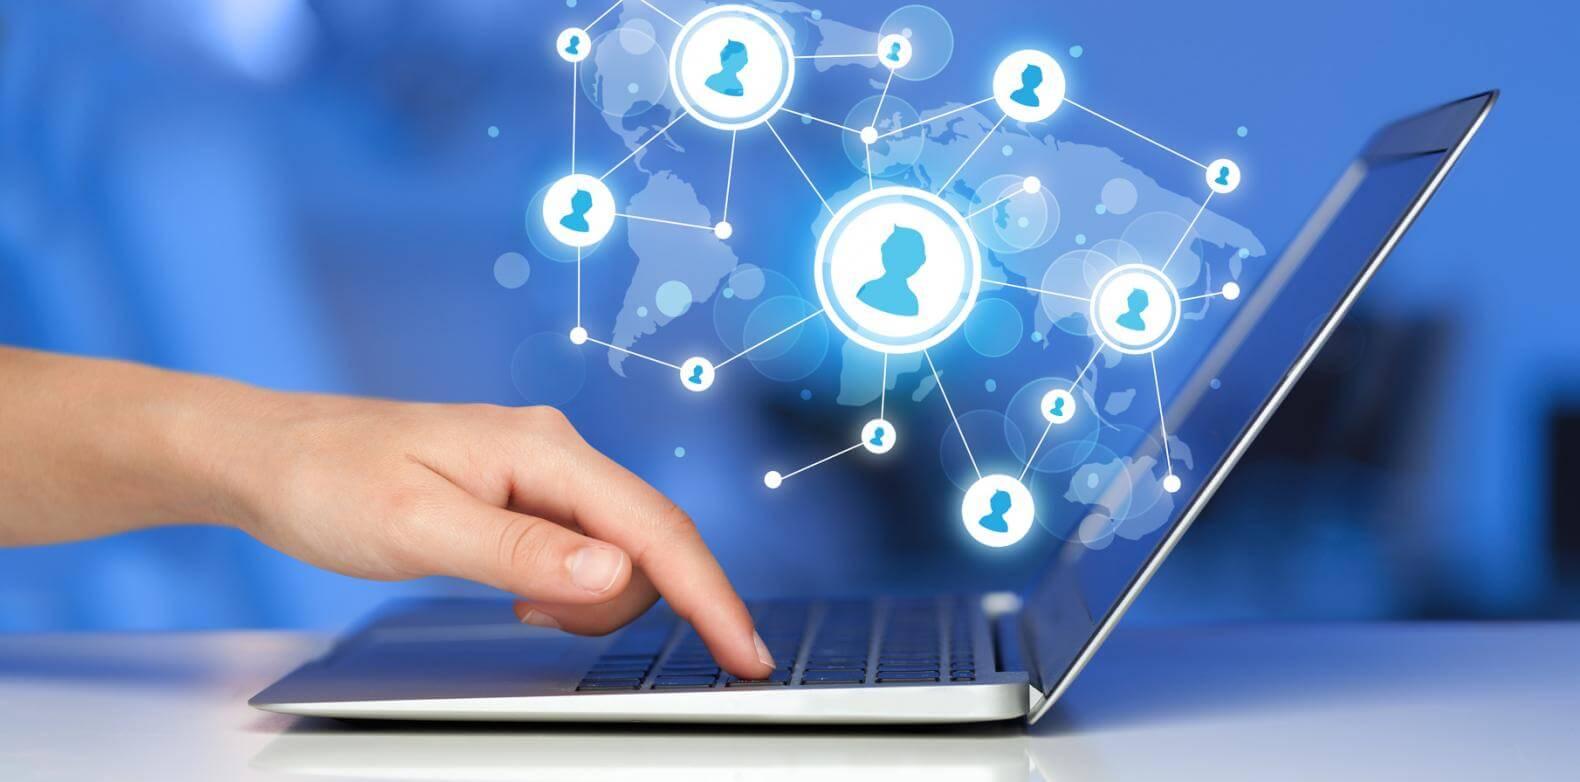 10 طرق للربح وكسب المال من الشبكات الإجتماعية